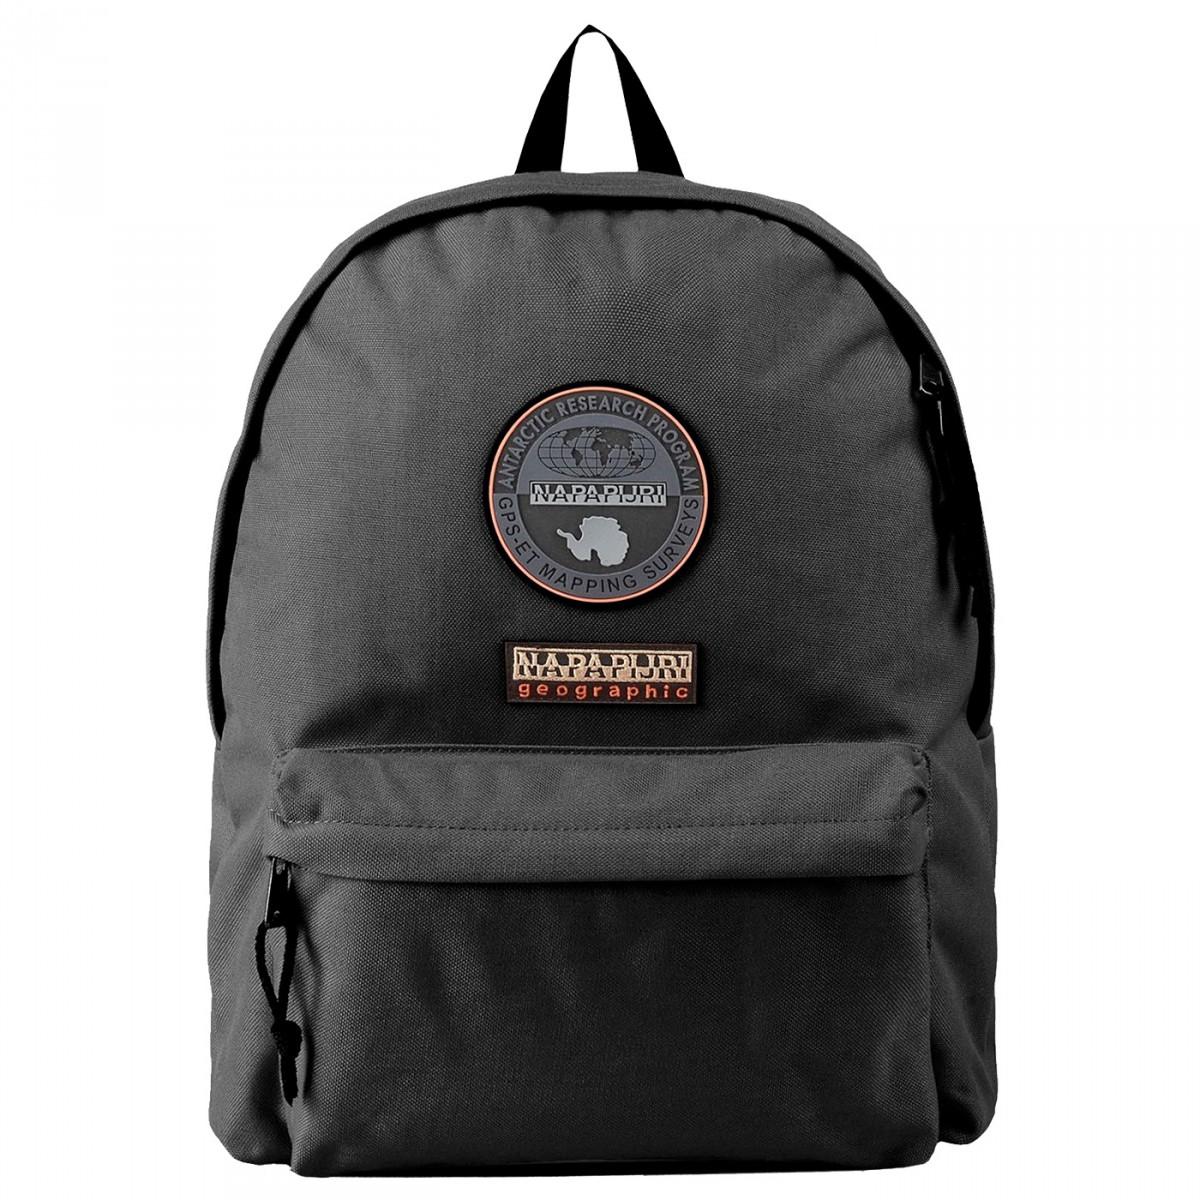 sac dos napapijri voyage sacs et accessoires sur botteroski. Black Bedroom Furniture Sets. Home Design Ideas